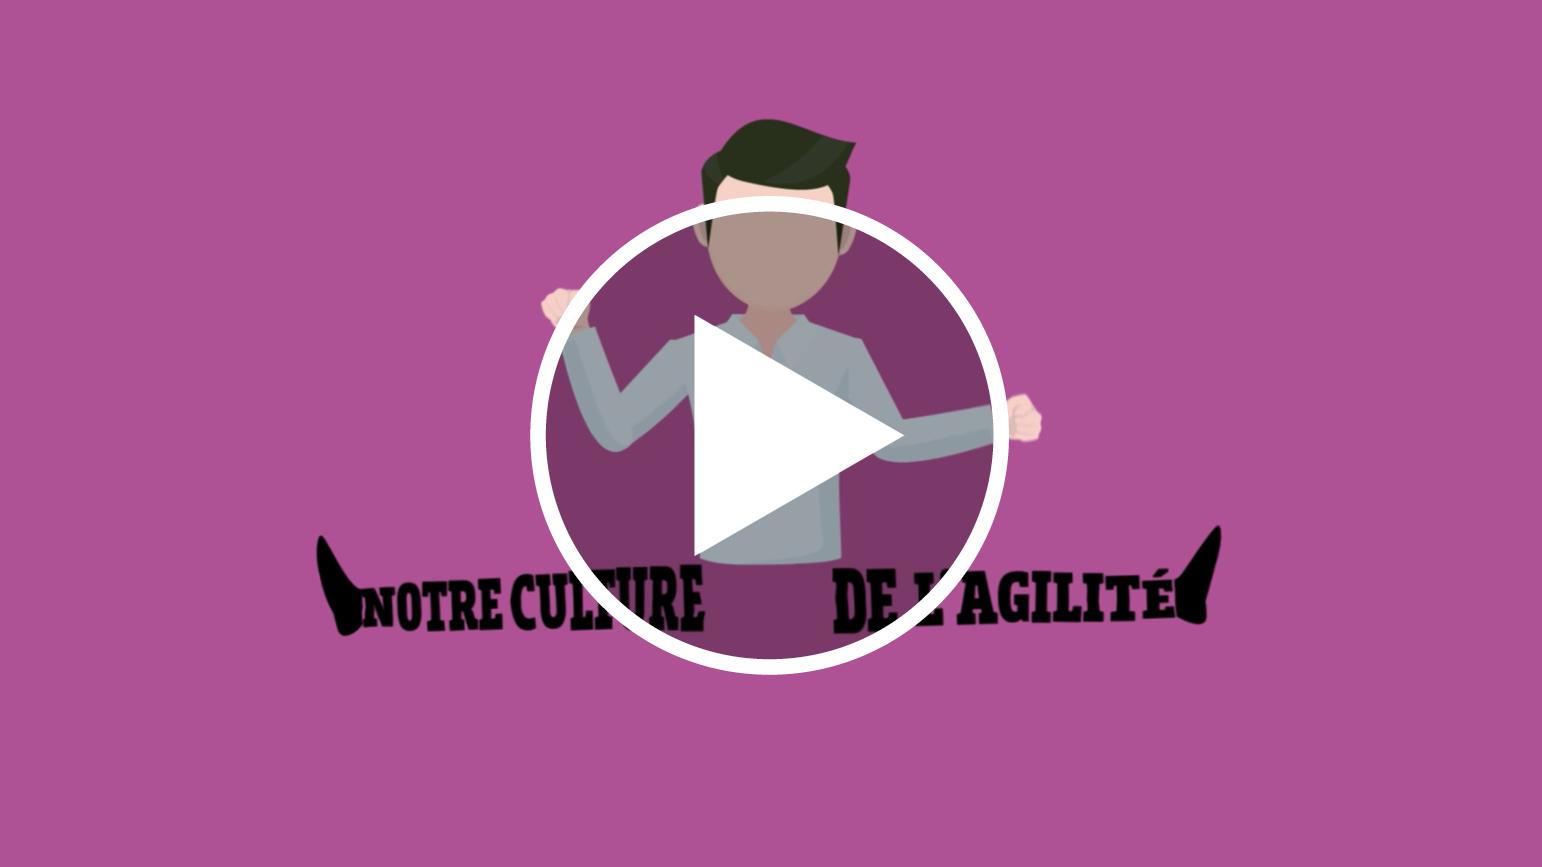 19 - Notre culture de l'agilité